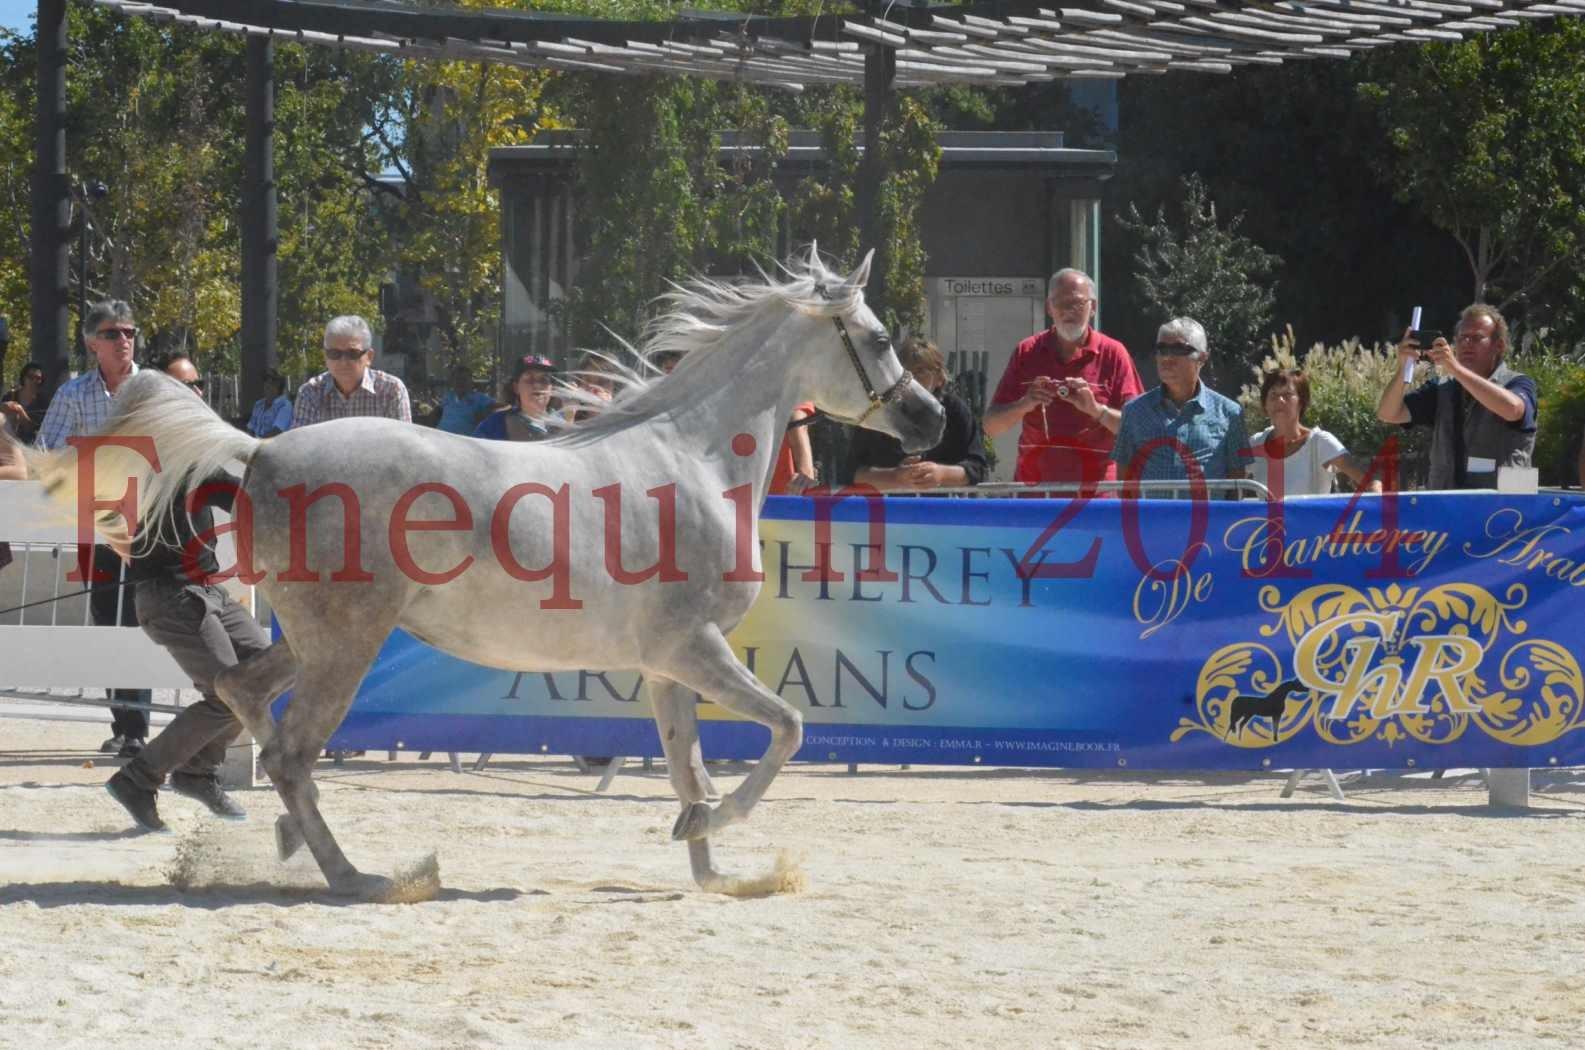 Concours national de Nîmes 2014 - Sélection  - VOLODIA DE LAFON - 14